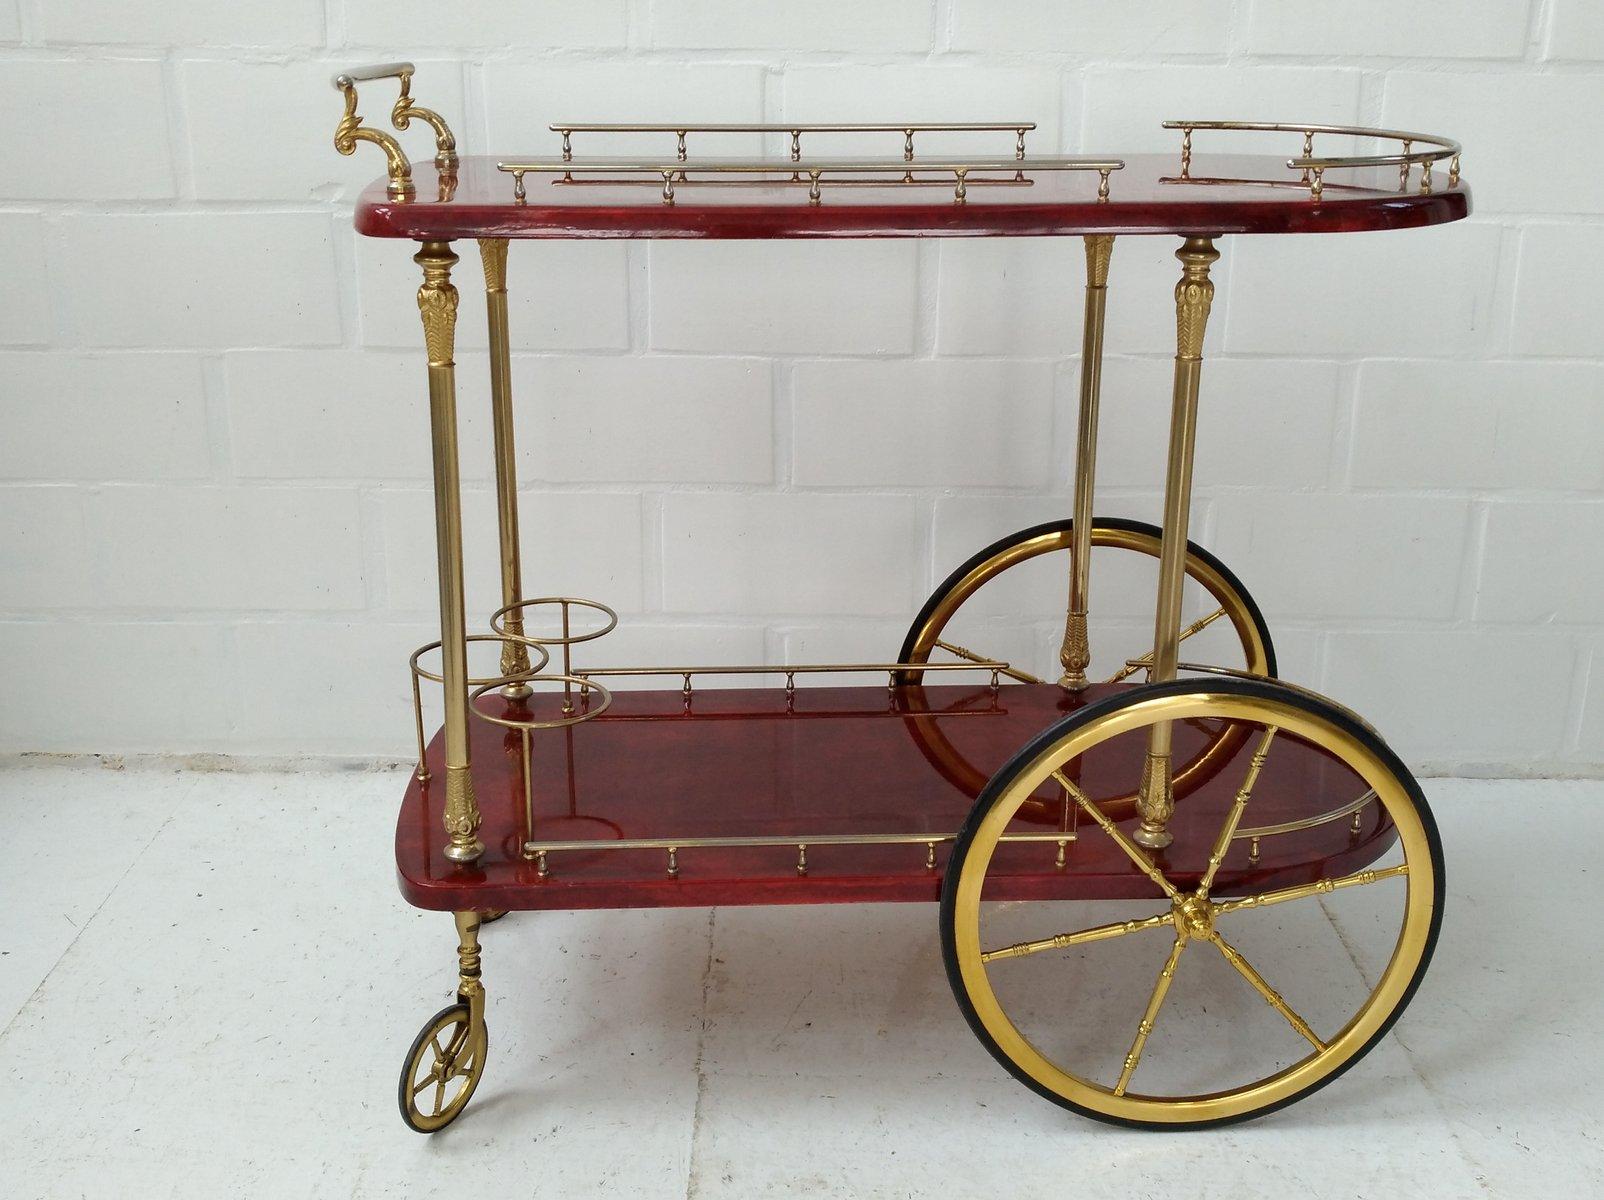 chariot de bar en peau de ch vre rouge par aldo tura pour tura milano italie 1950s en vente. Black Bedroom Furniture Sets. Home Design Ideas